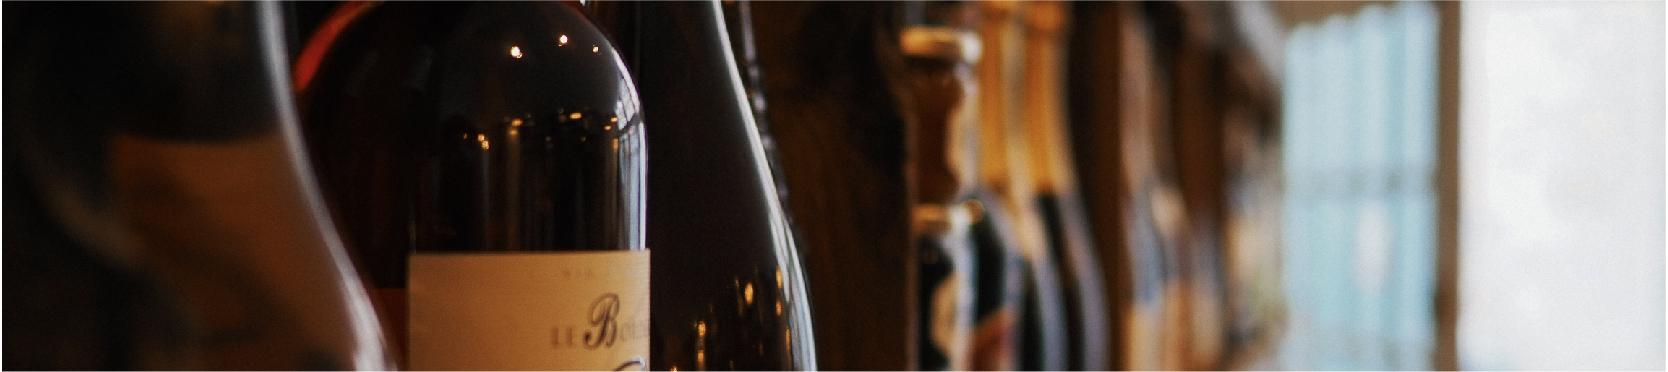 红酒专线购物顶部广告意大利